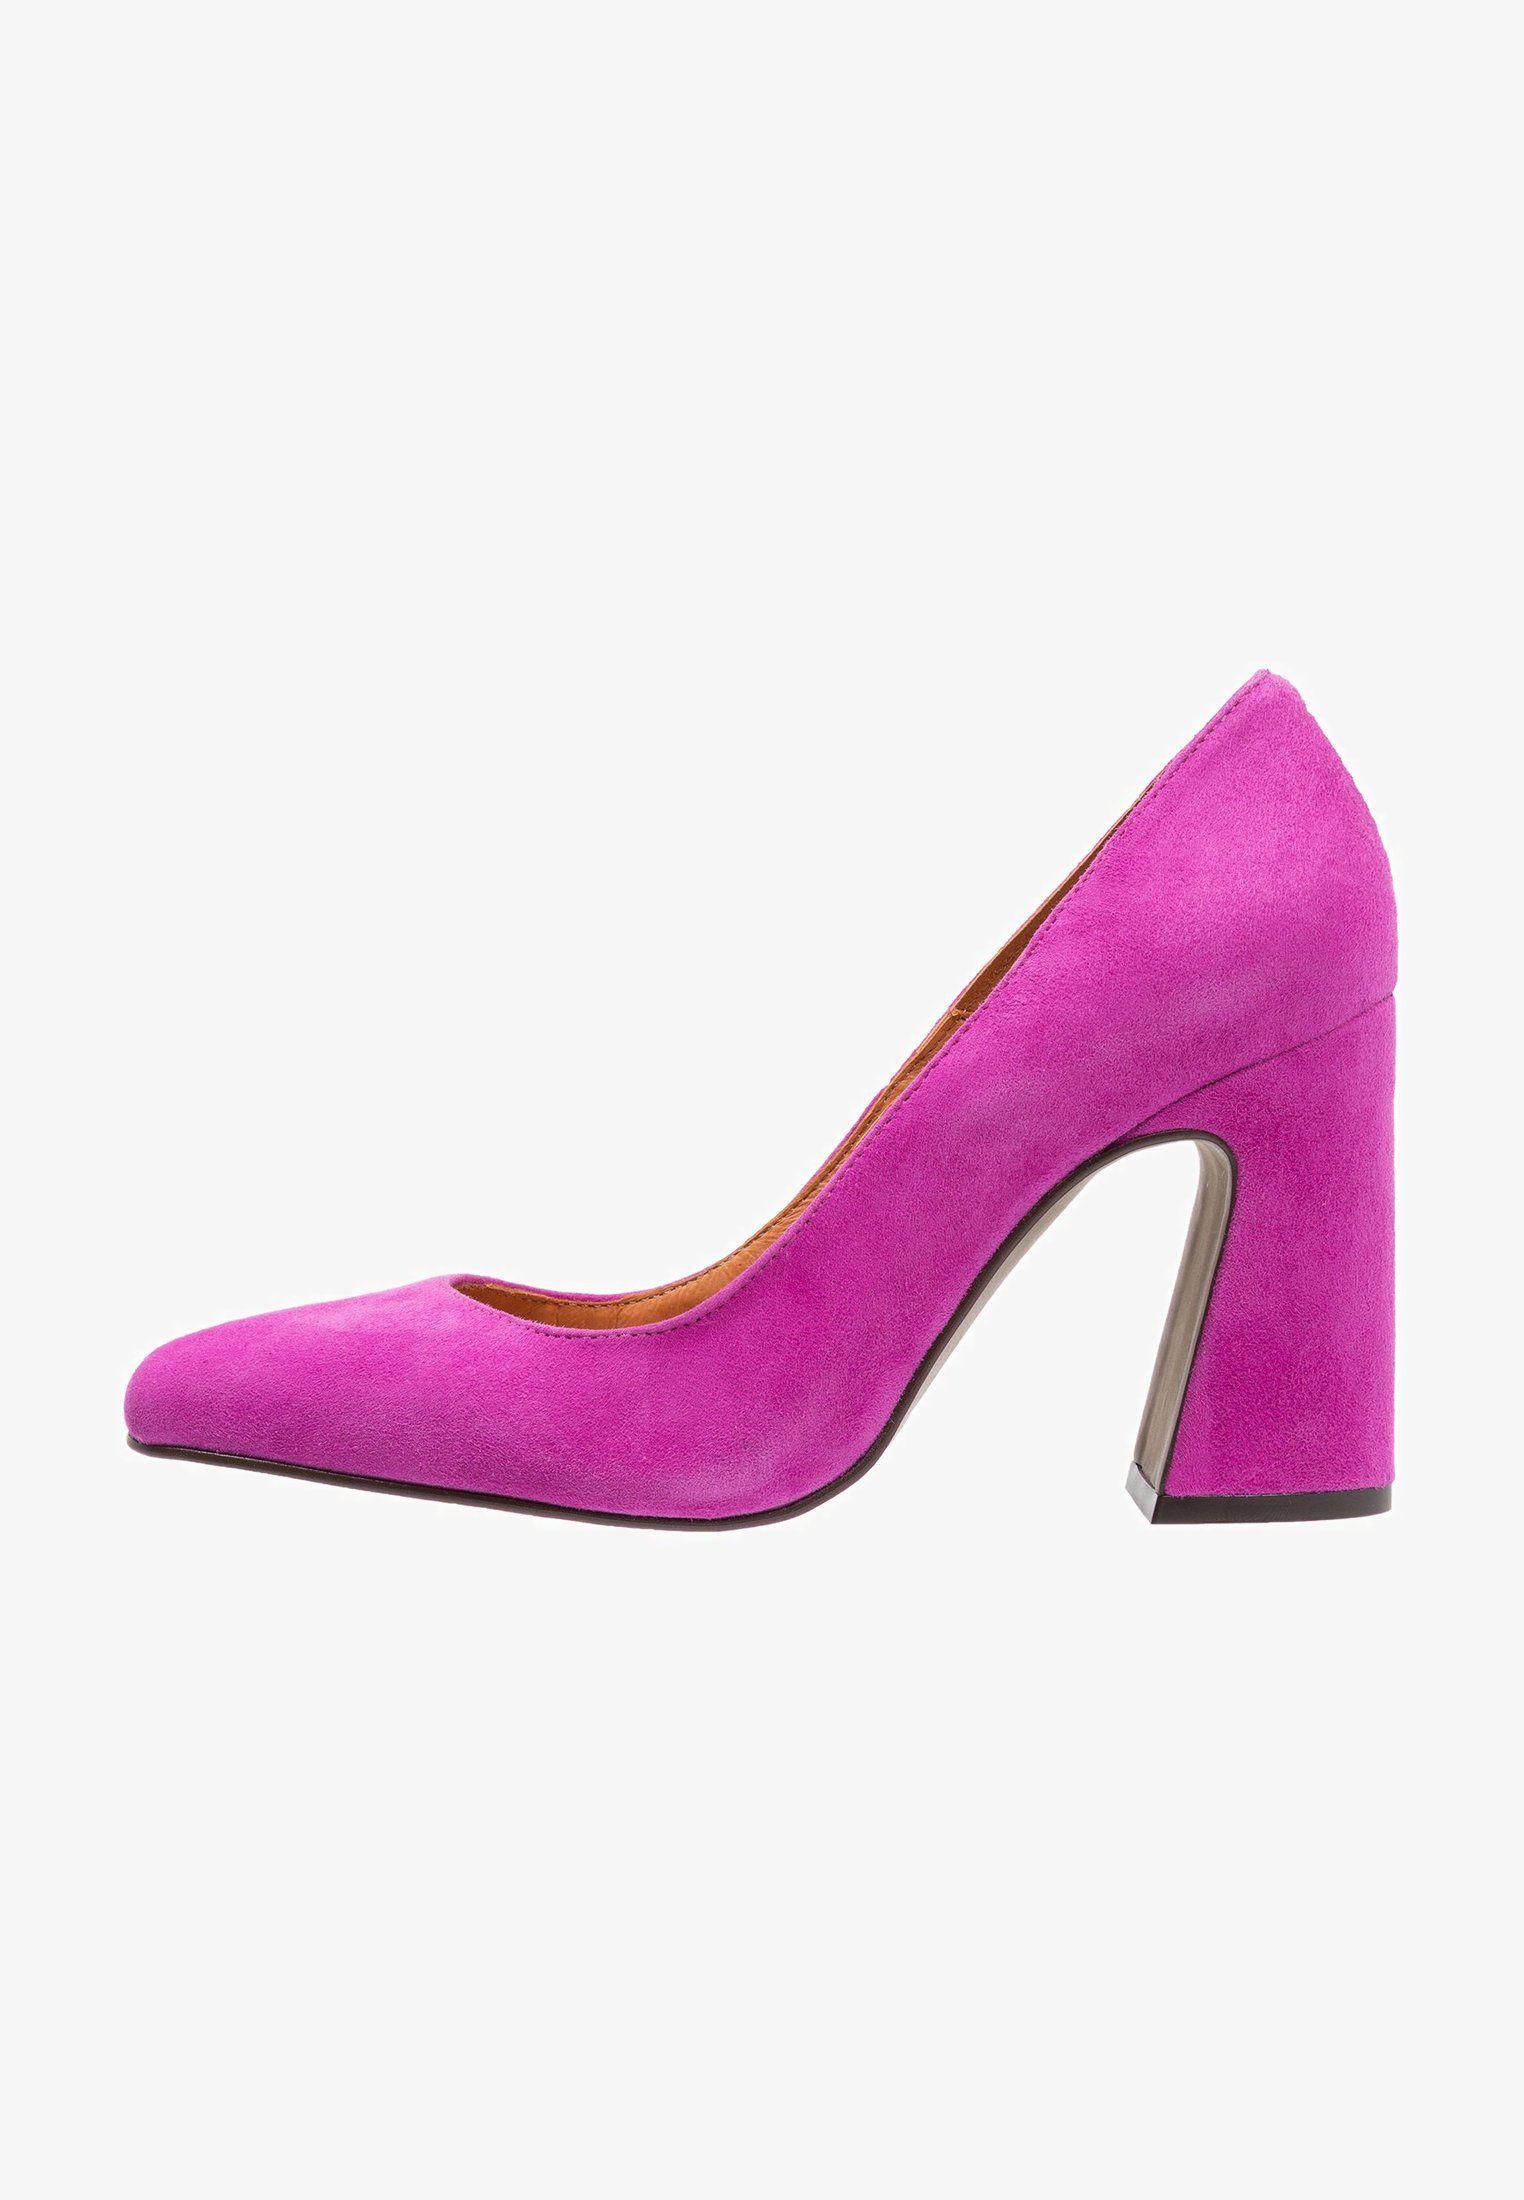 Zapatos THALIA fucsia THALIA Zapatos altos dark qUTgEw